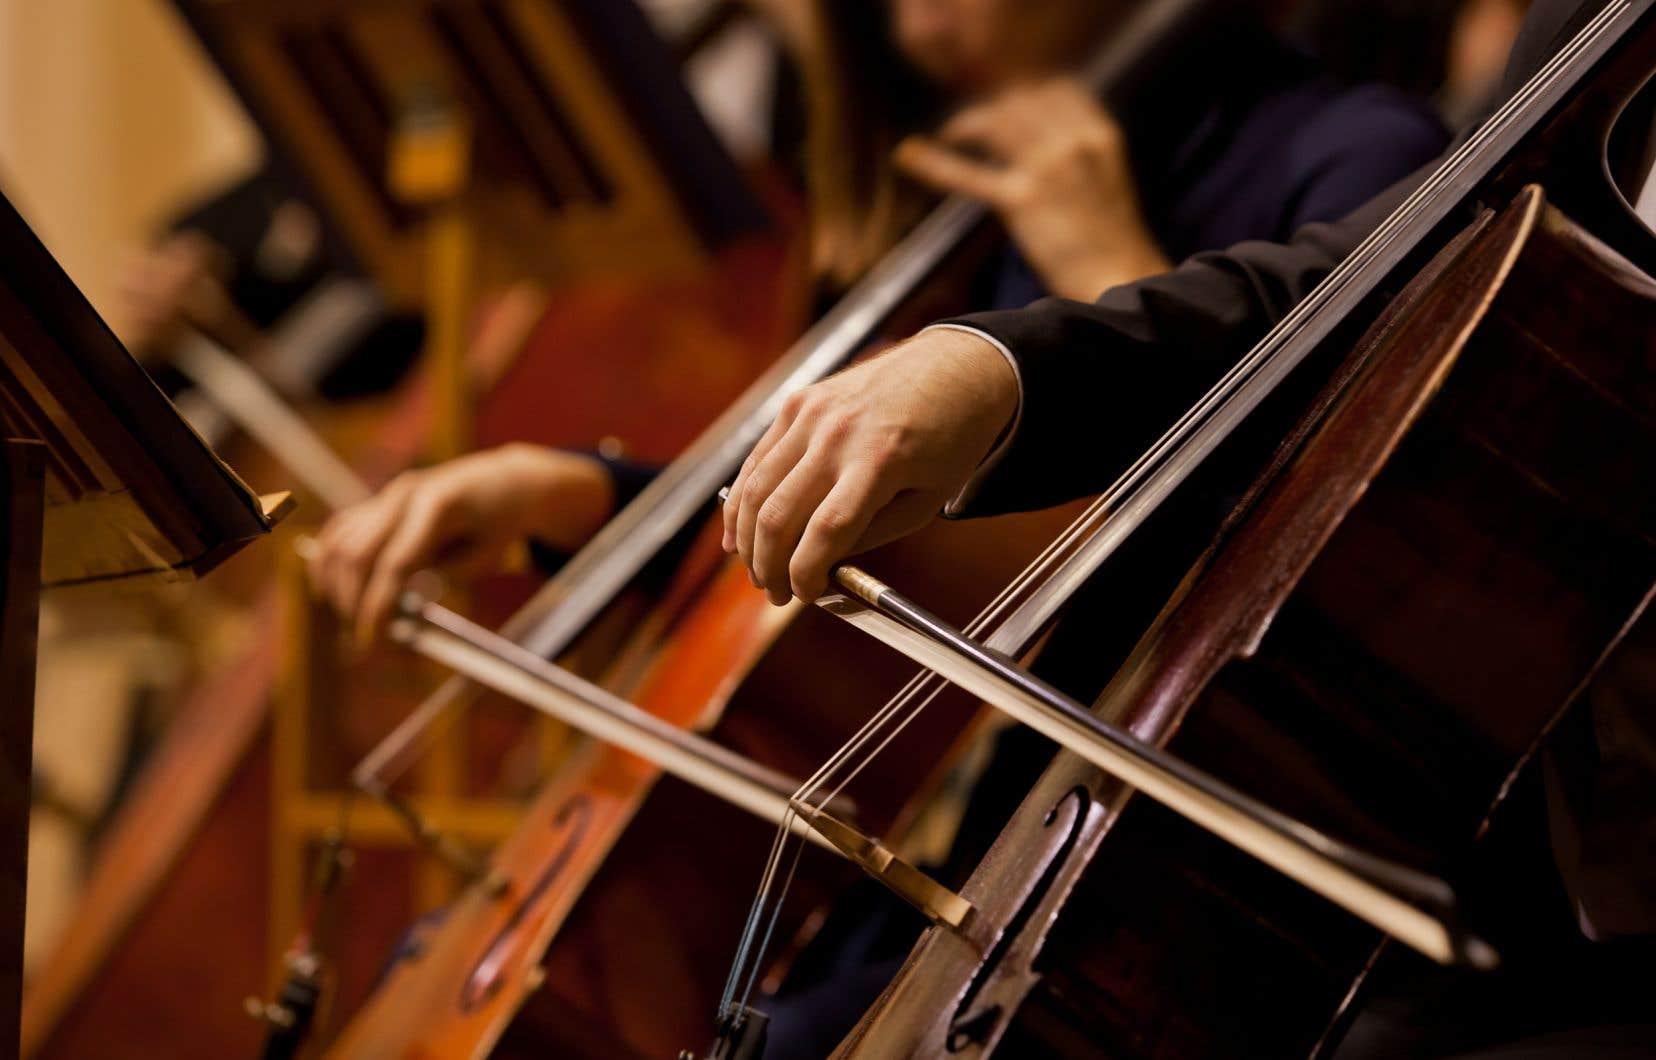 «En raison des indéniables bienfaits des arts, et en particulier la musique, l'accès à ceux-ci serait élevé au rang de droit fondamental, comme certains autres services sont considérés comme essentiels ou prioritaires. […]», affirment les signataires.